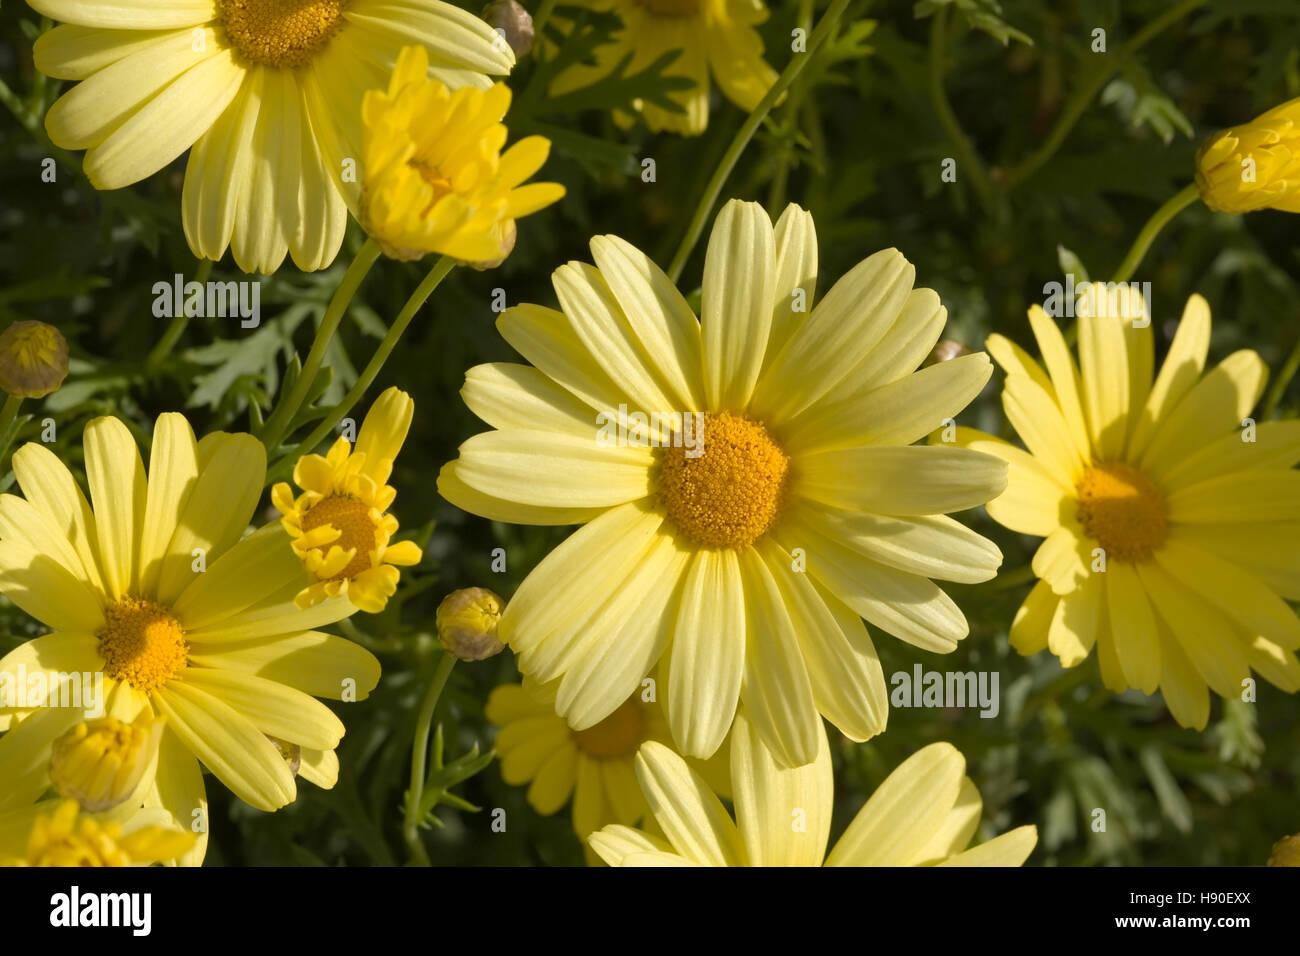 Corn Marigold, Chrysanthemum segetum, flowers Stock Photo